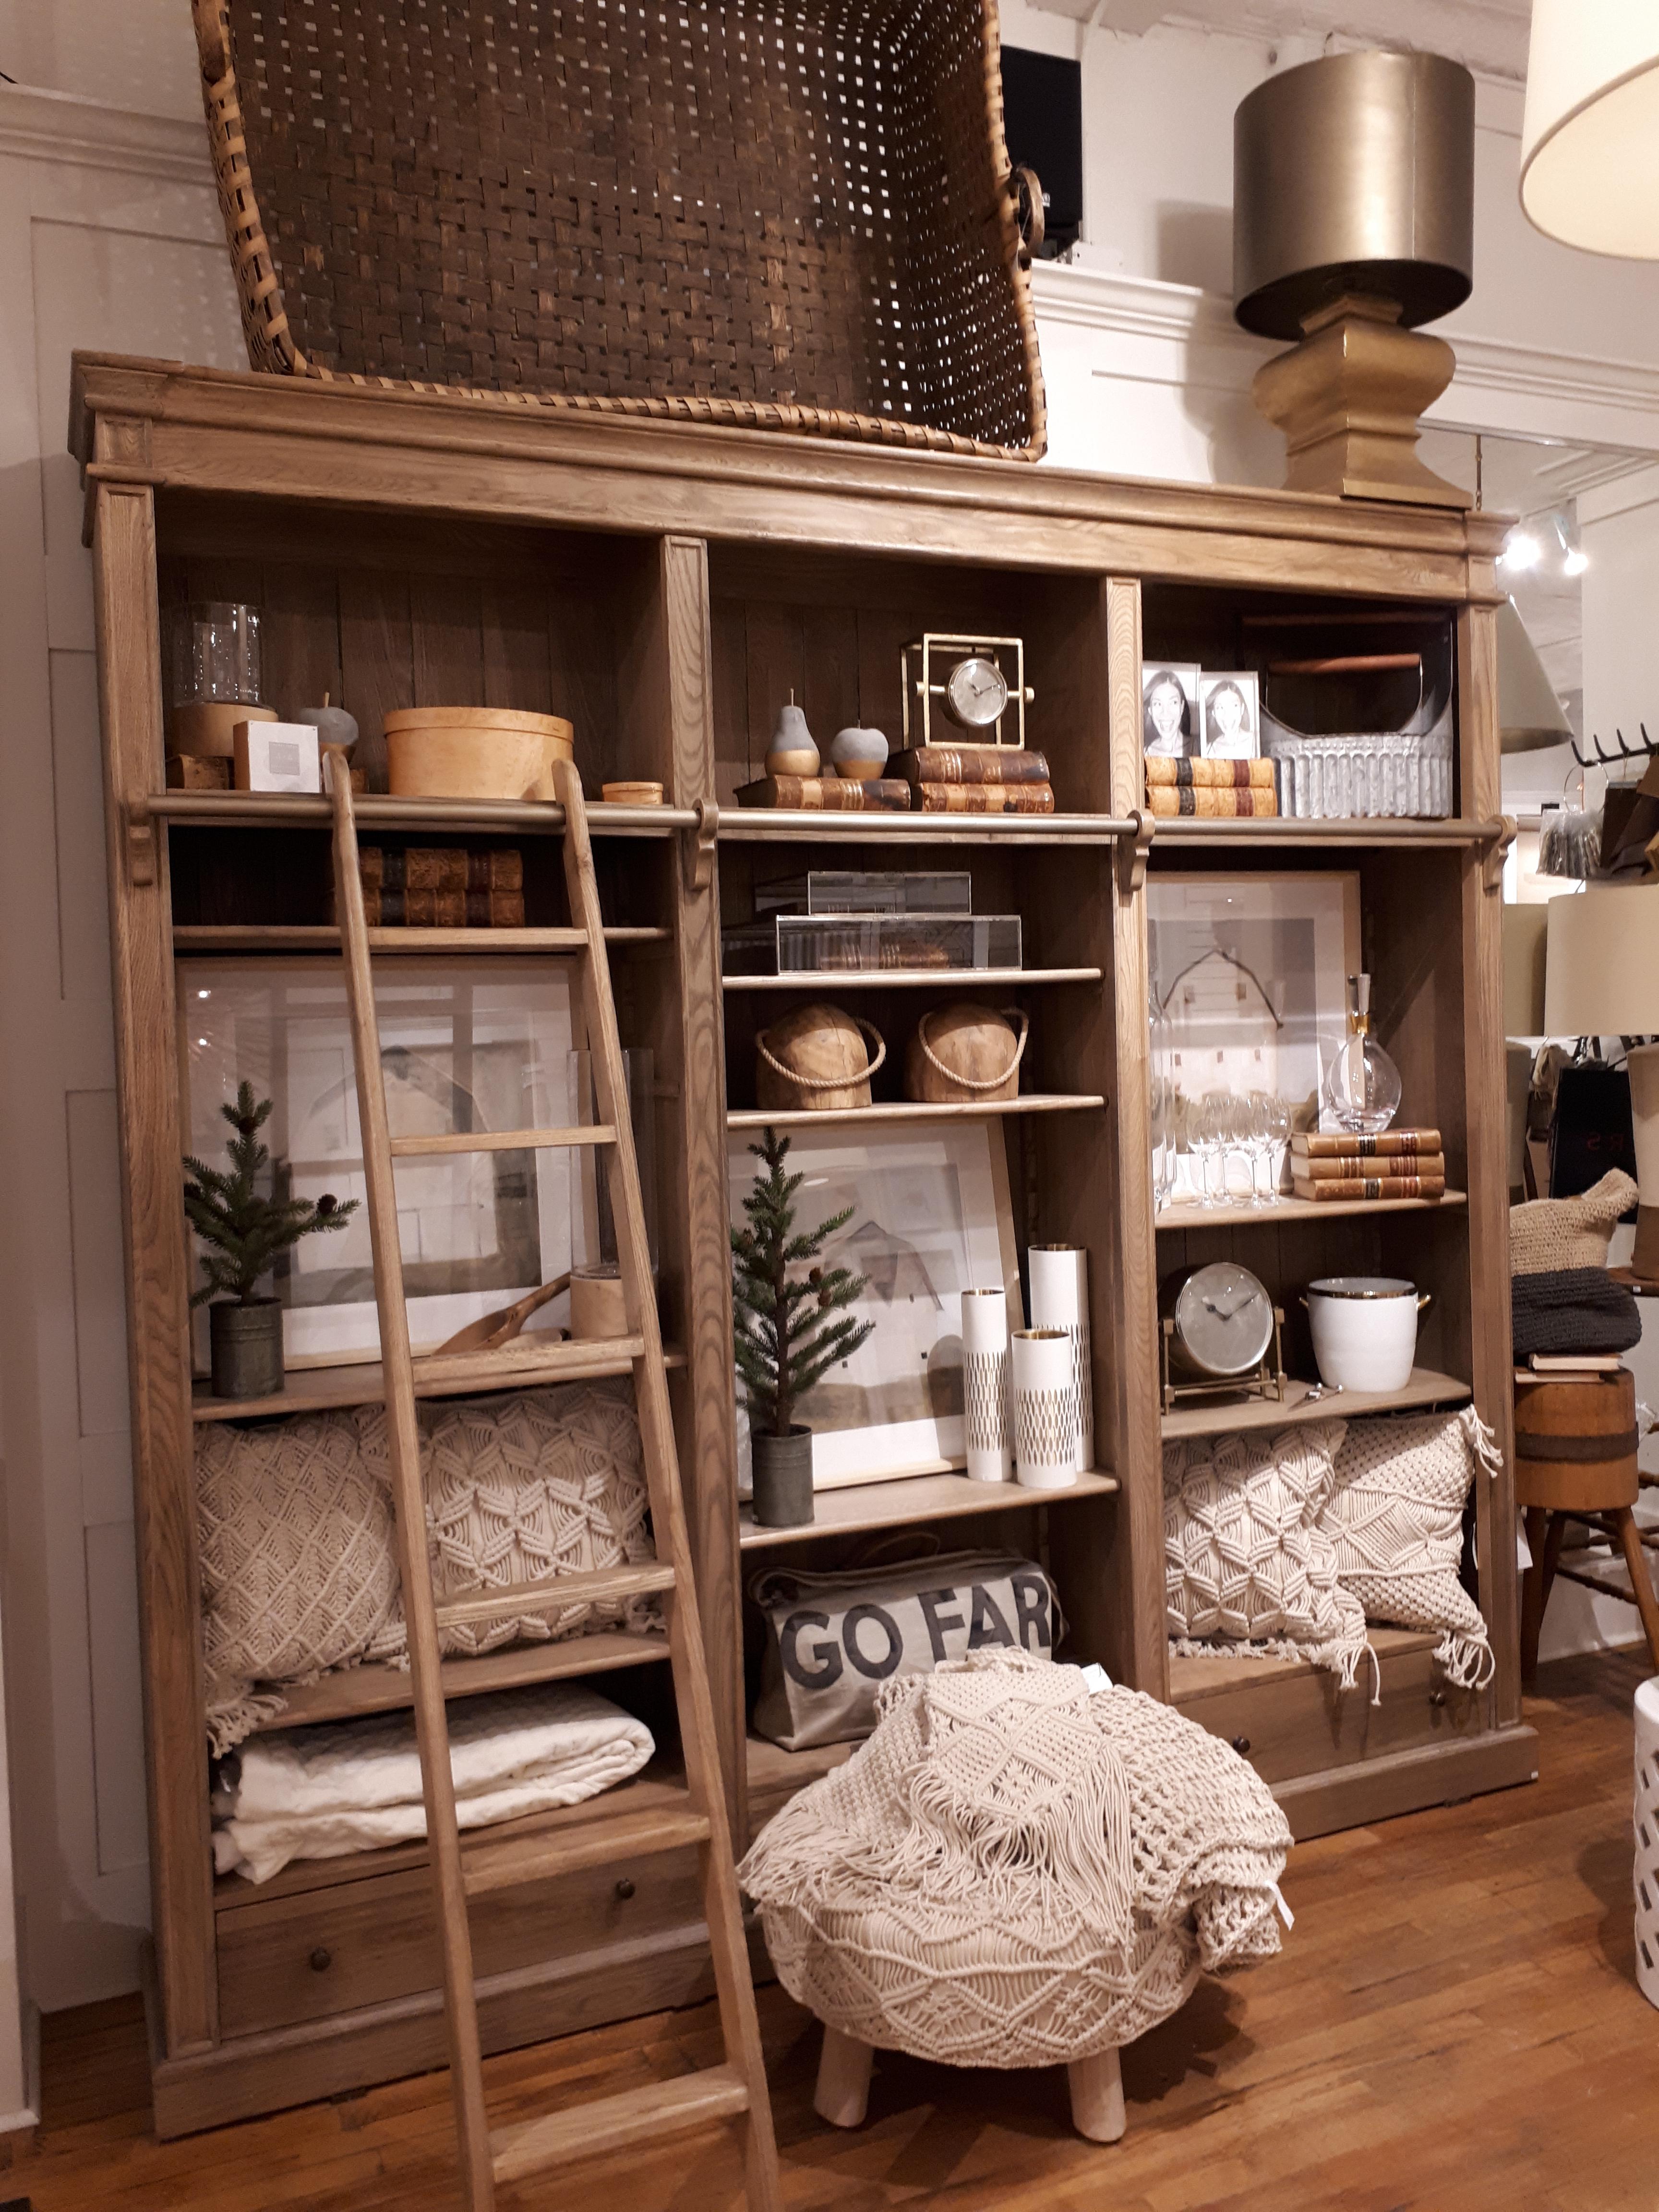 Furniture & Case Goods